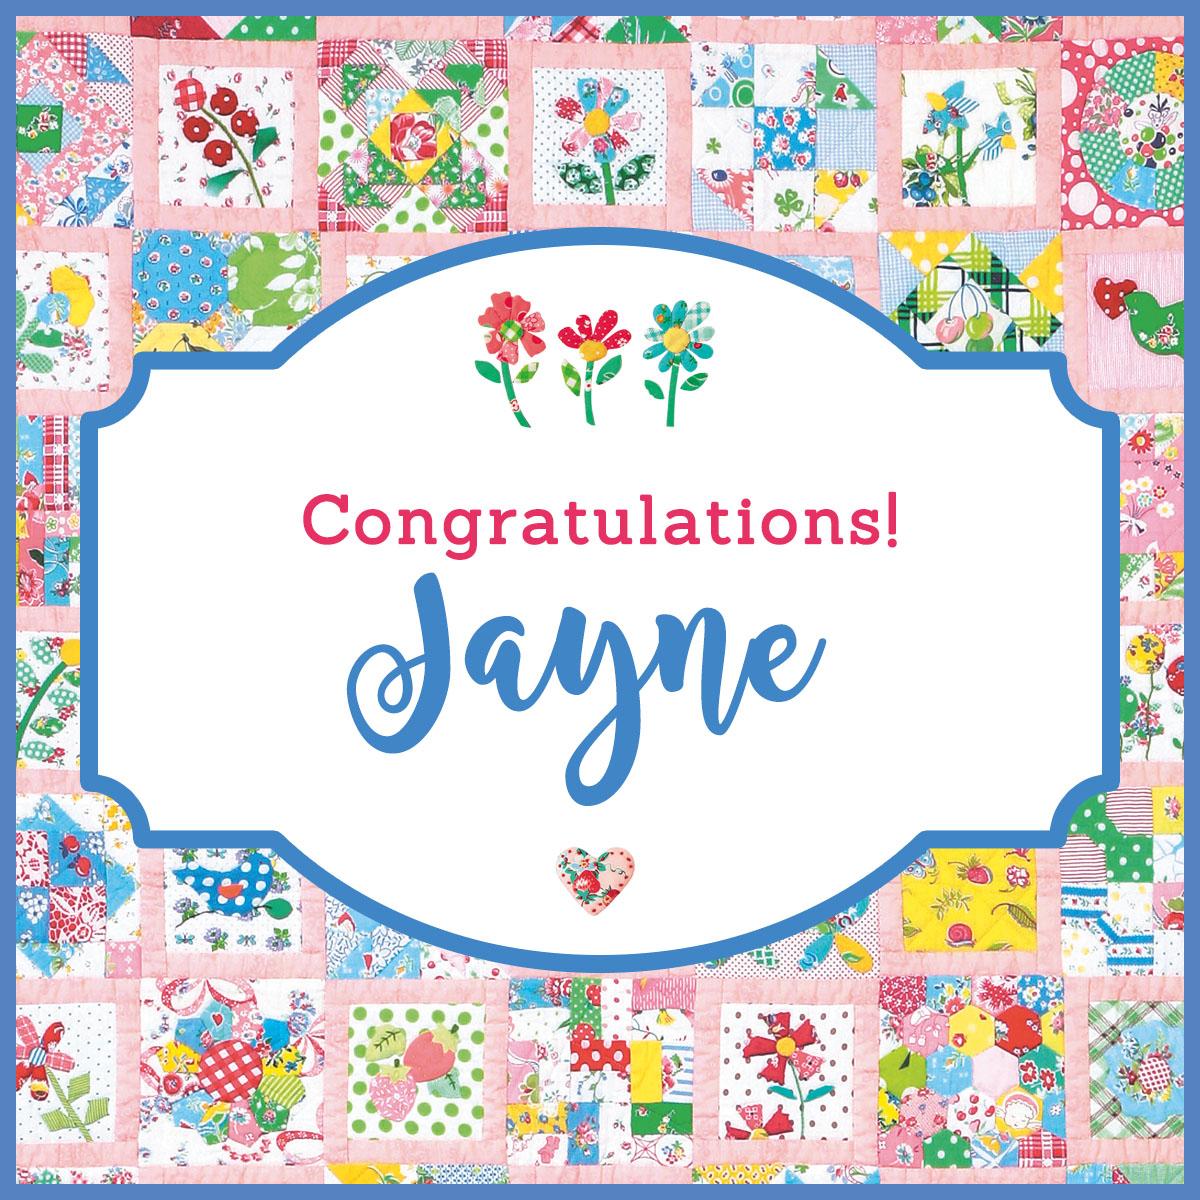 BLOG HOP IMAGE_congrats Jayne